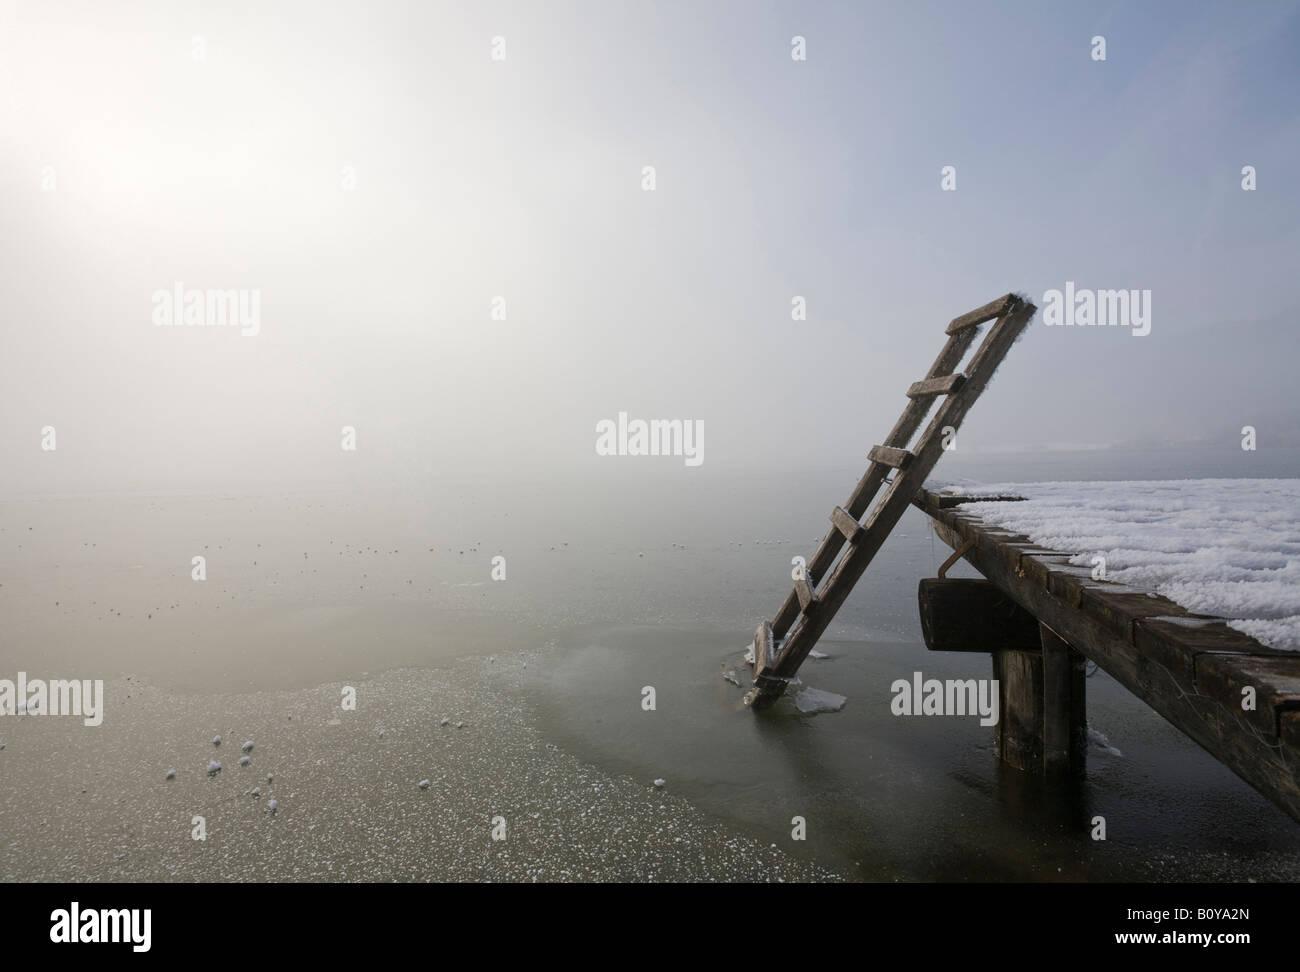 Germany, Bavaria, Murnau, jetée en bois sur le lac Photo Stock